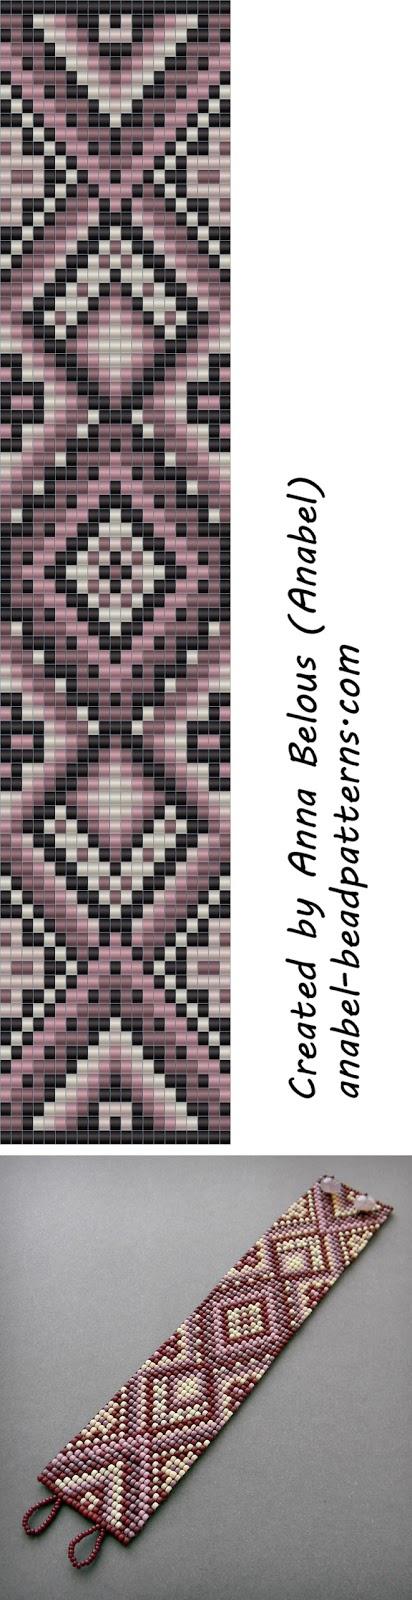 схемы бисероплетения браслет ткачество узоры beaded pattern